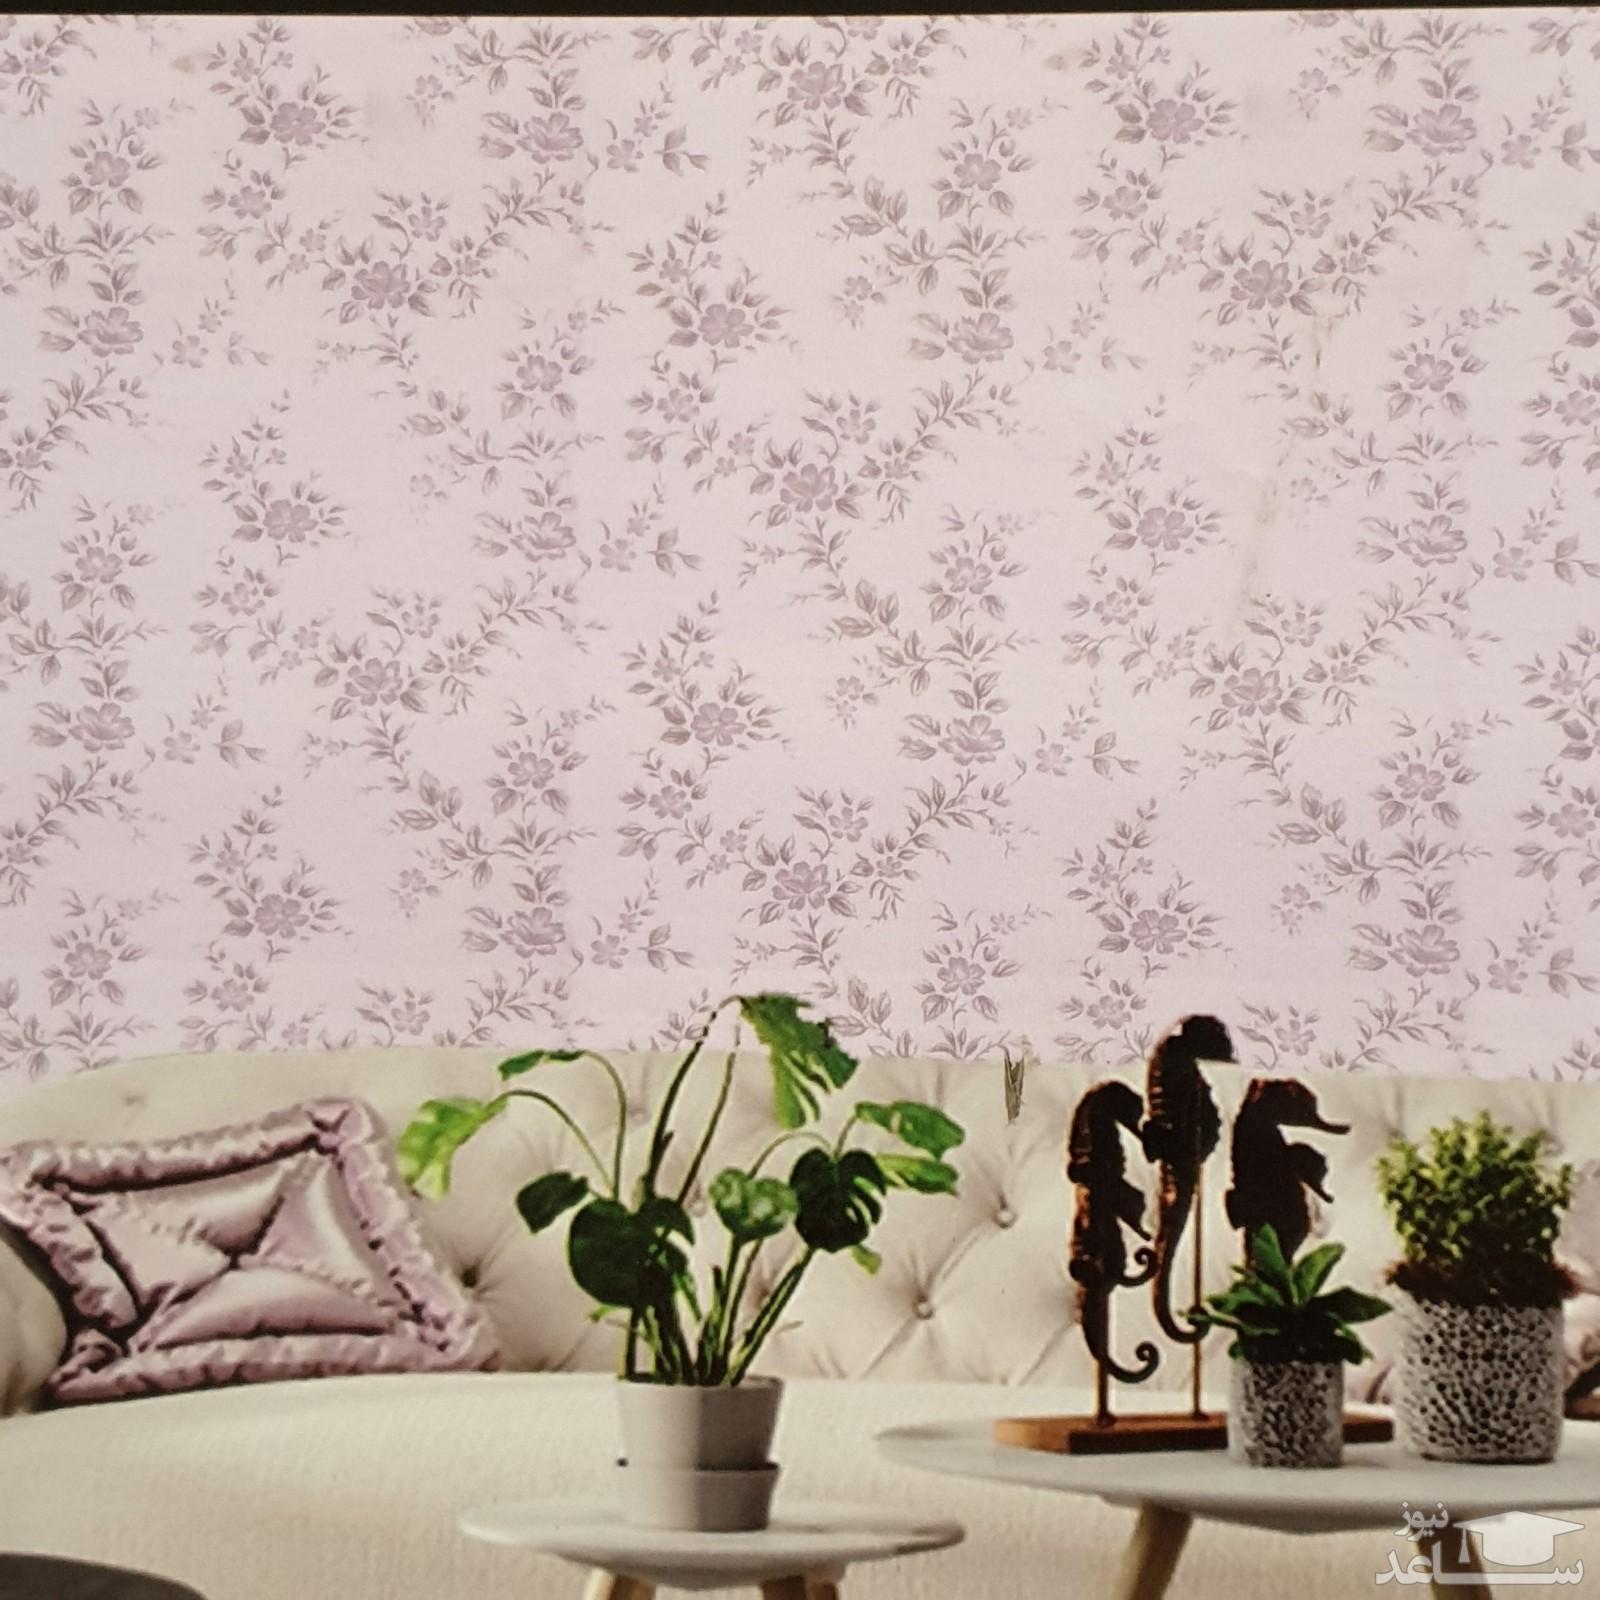 نگاهی بر طراحی دکوراسیون داخلی با کاغذ دیواری